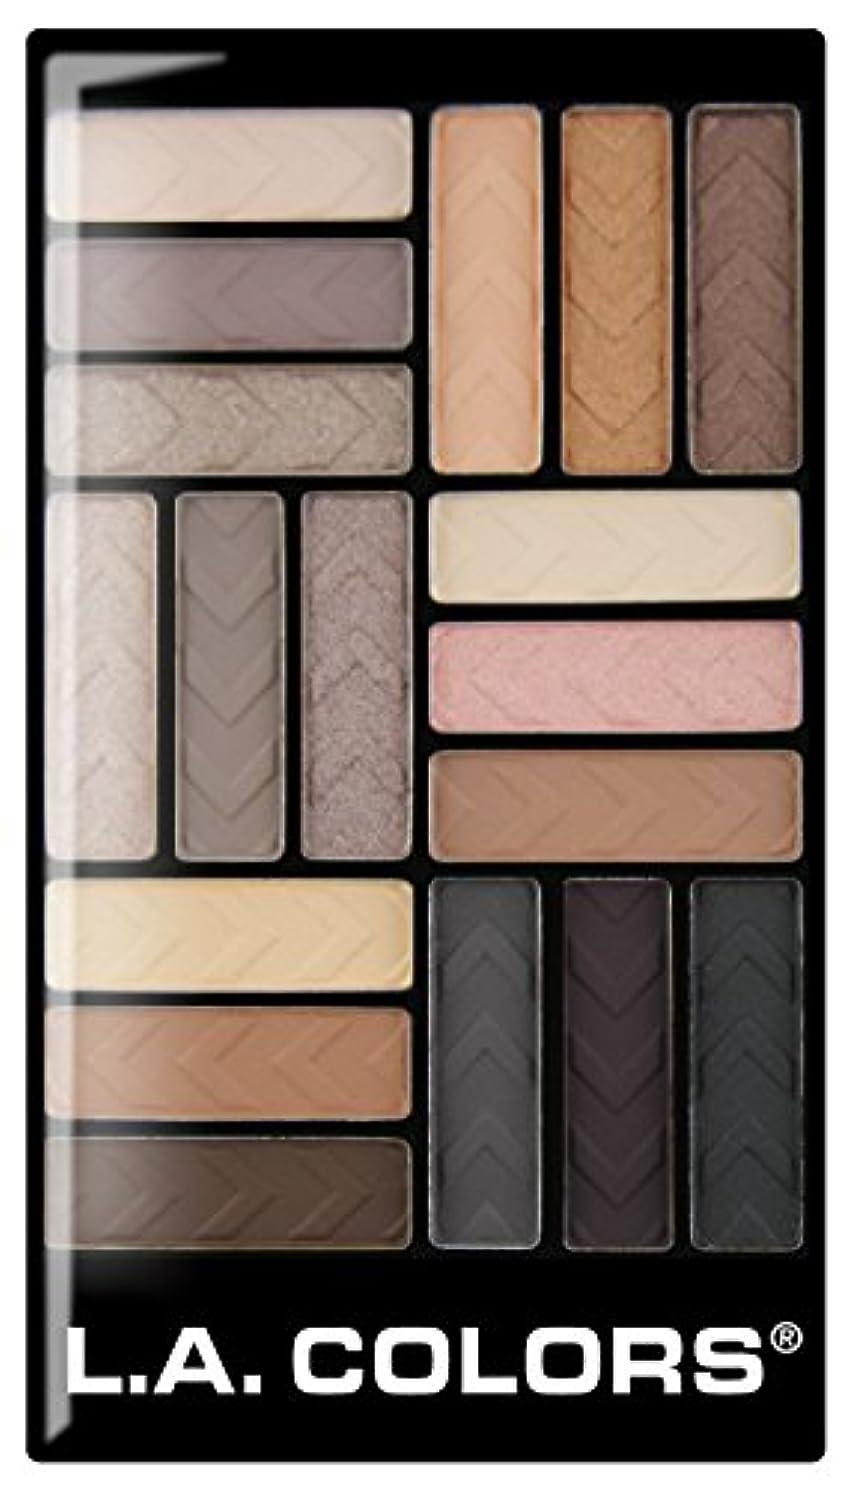 フロンティアシャーク精度L.A. COLORS 18 Color Eyeshadow - Downtown Brown (並行輸入品)